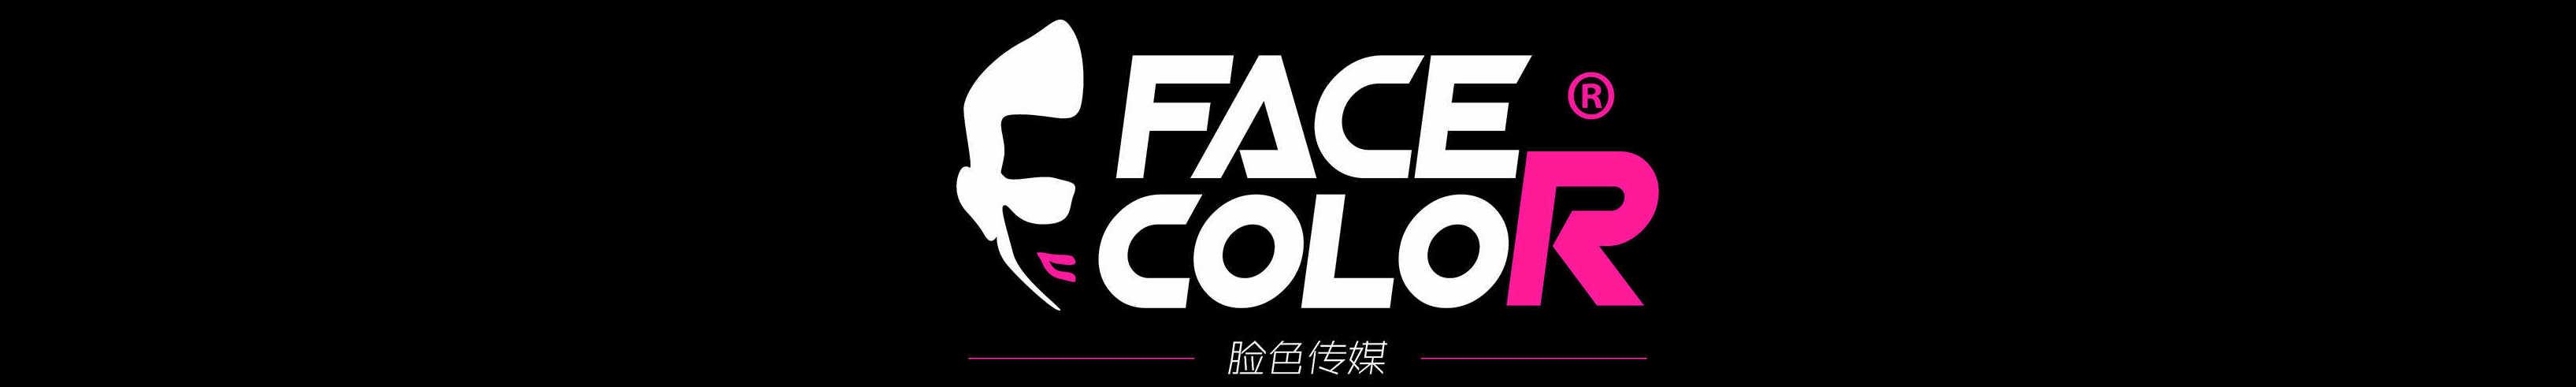 脸色传媒 banner